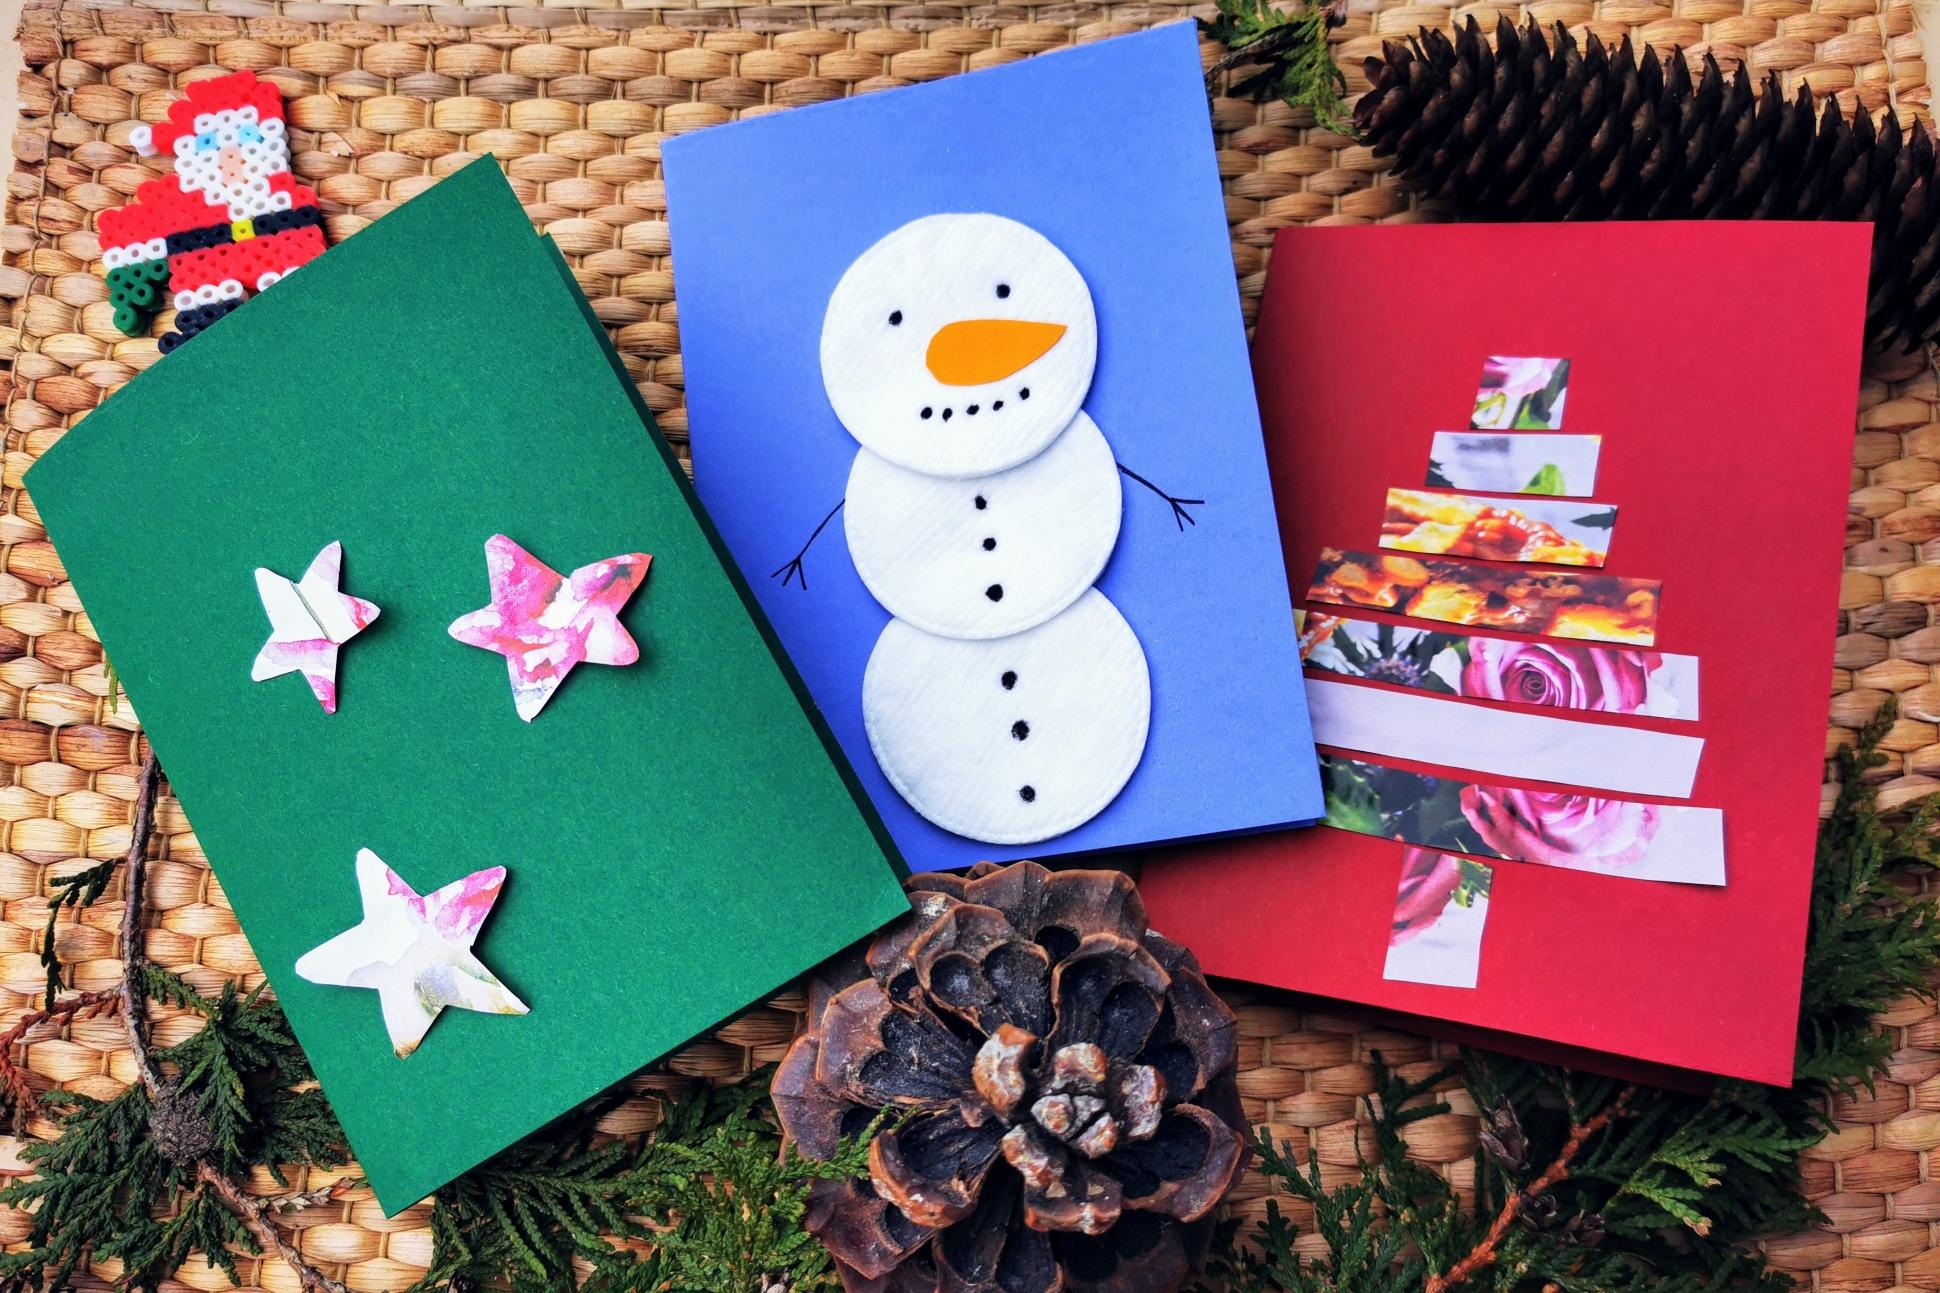 Mit Kindern Weihnachtskarten basteln - 3 individuelle und einfache Motive, die auch für zwei linke Hände und wenig Zeitaufwand geeignet sind.